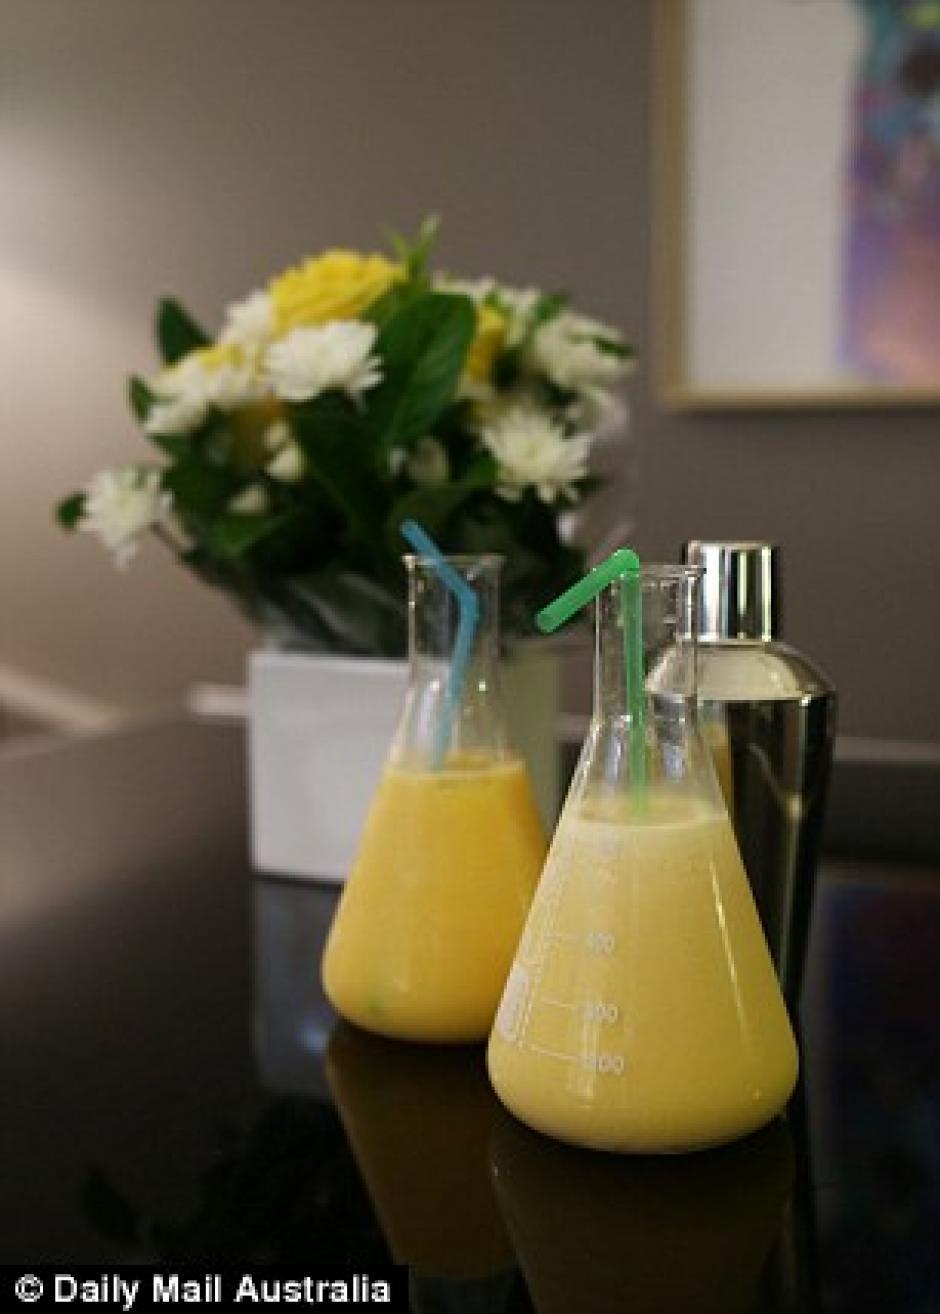 Sueros y bebidas naturales son parte del tratamiento que ofrece Hangover Clinic a quienes llegan en busca de aliviar la resaca. (Foto: Daily Mail)